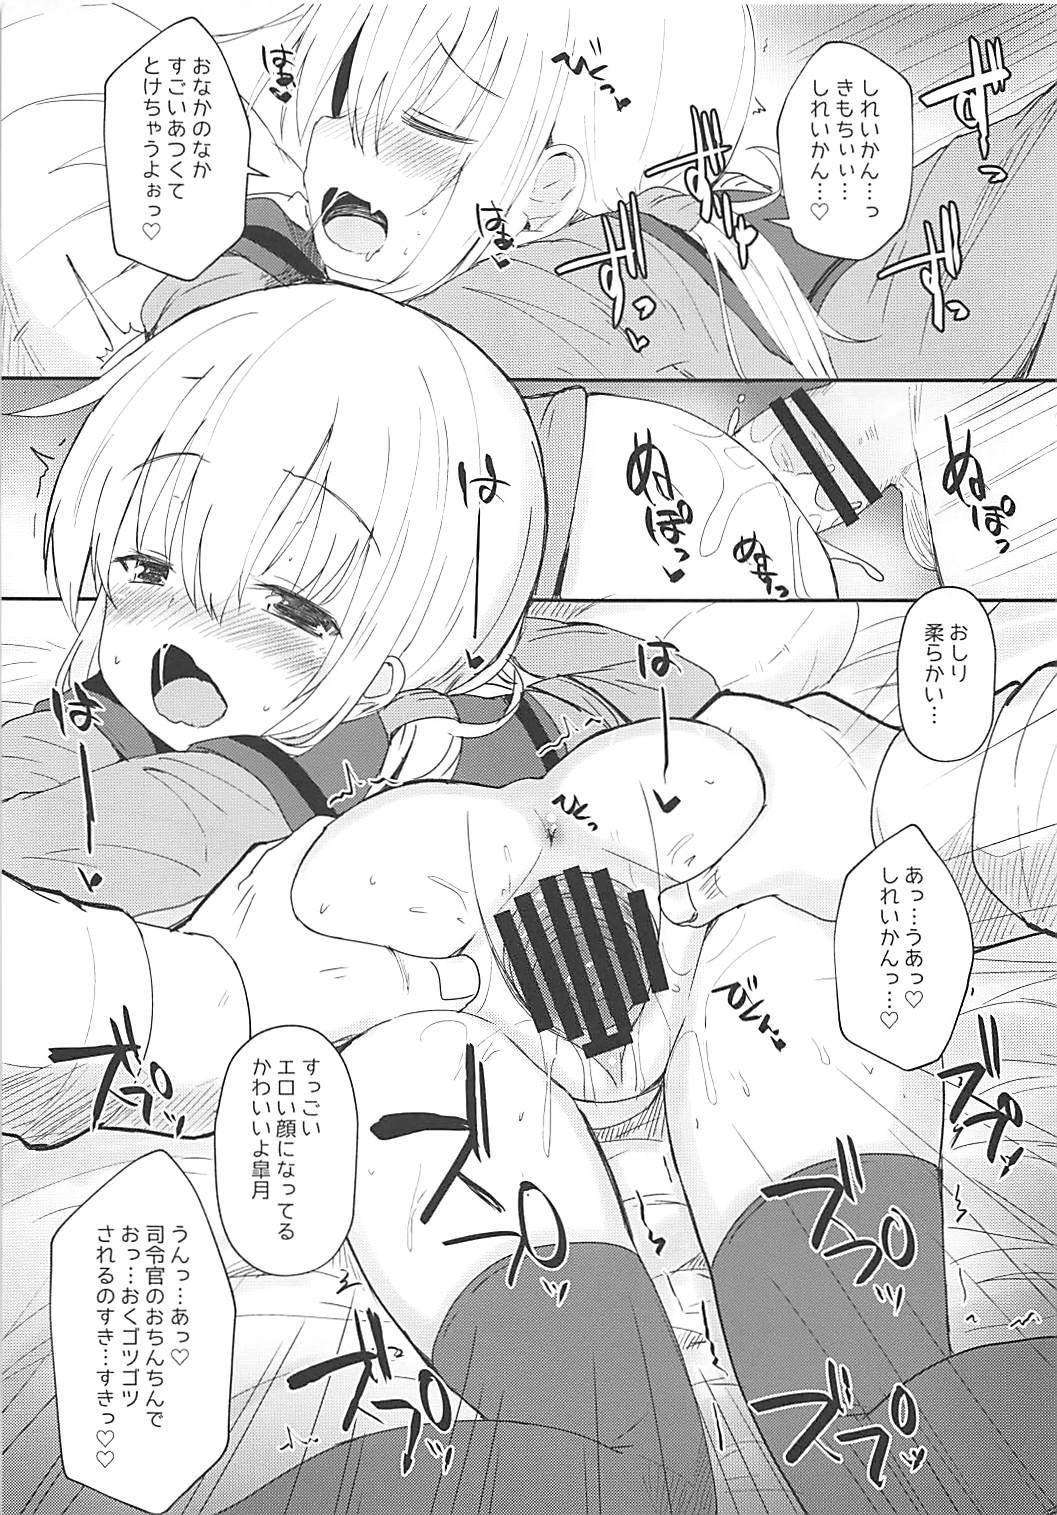 Satsuki AiAiAi Kiwami 15